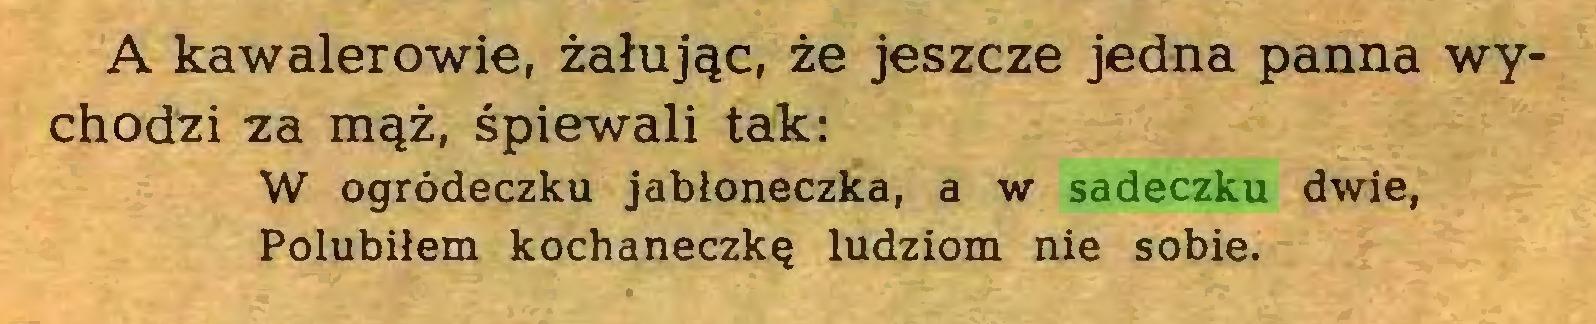 (...) A kawalerowie, żałując, że jeszcze jedna panna wychodzi za mąż, śpiewali tak: W ogródeczku jabłoneczka, a w sadeczku dwie, Polubiłem kochaneczkę ludziom nie sobie...